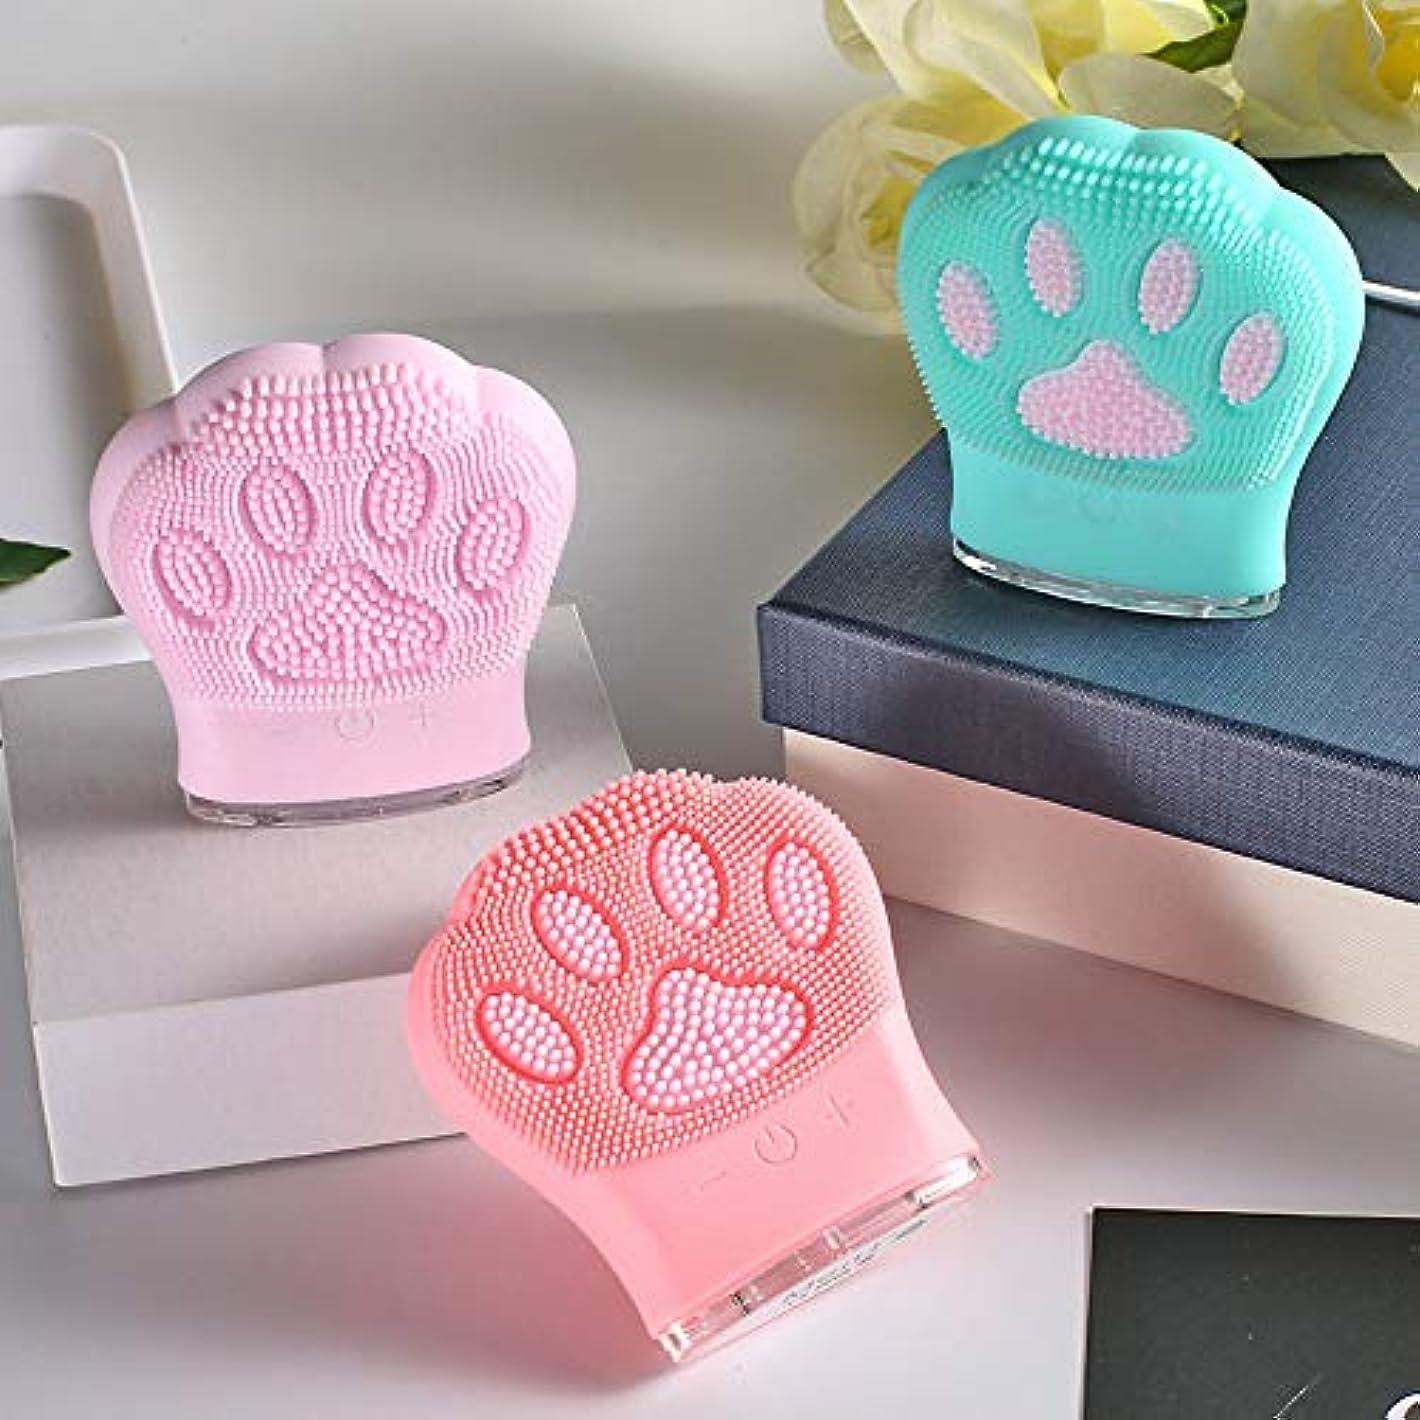 ファイナンスポスト印象派成熟したZXF 新しい猫の爪形状シリコーンクレンジング楽器超音波充電洗顔器具ガールフレンド小さなギフト洗浄ブラシピンク赤青セクション 滑らかである (色 : Pink)